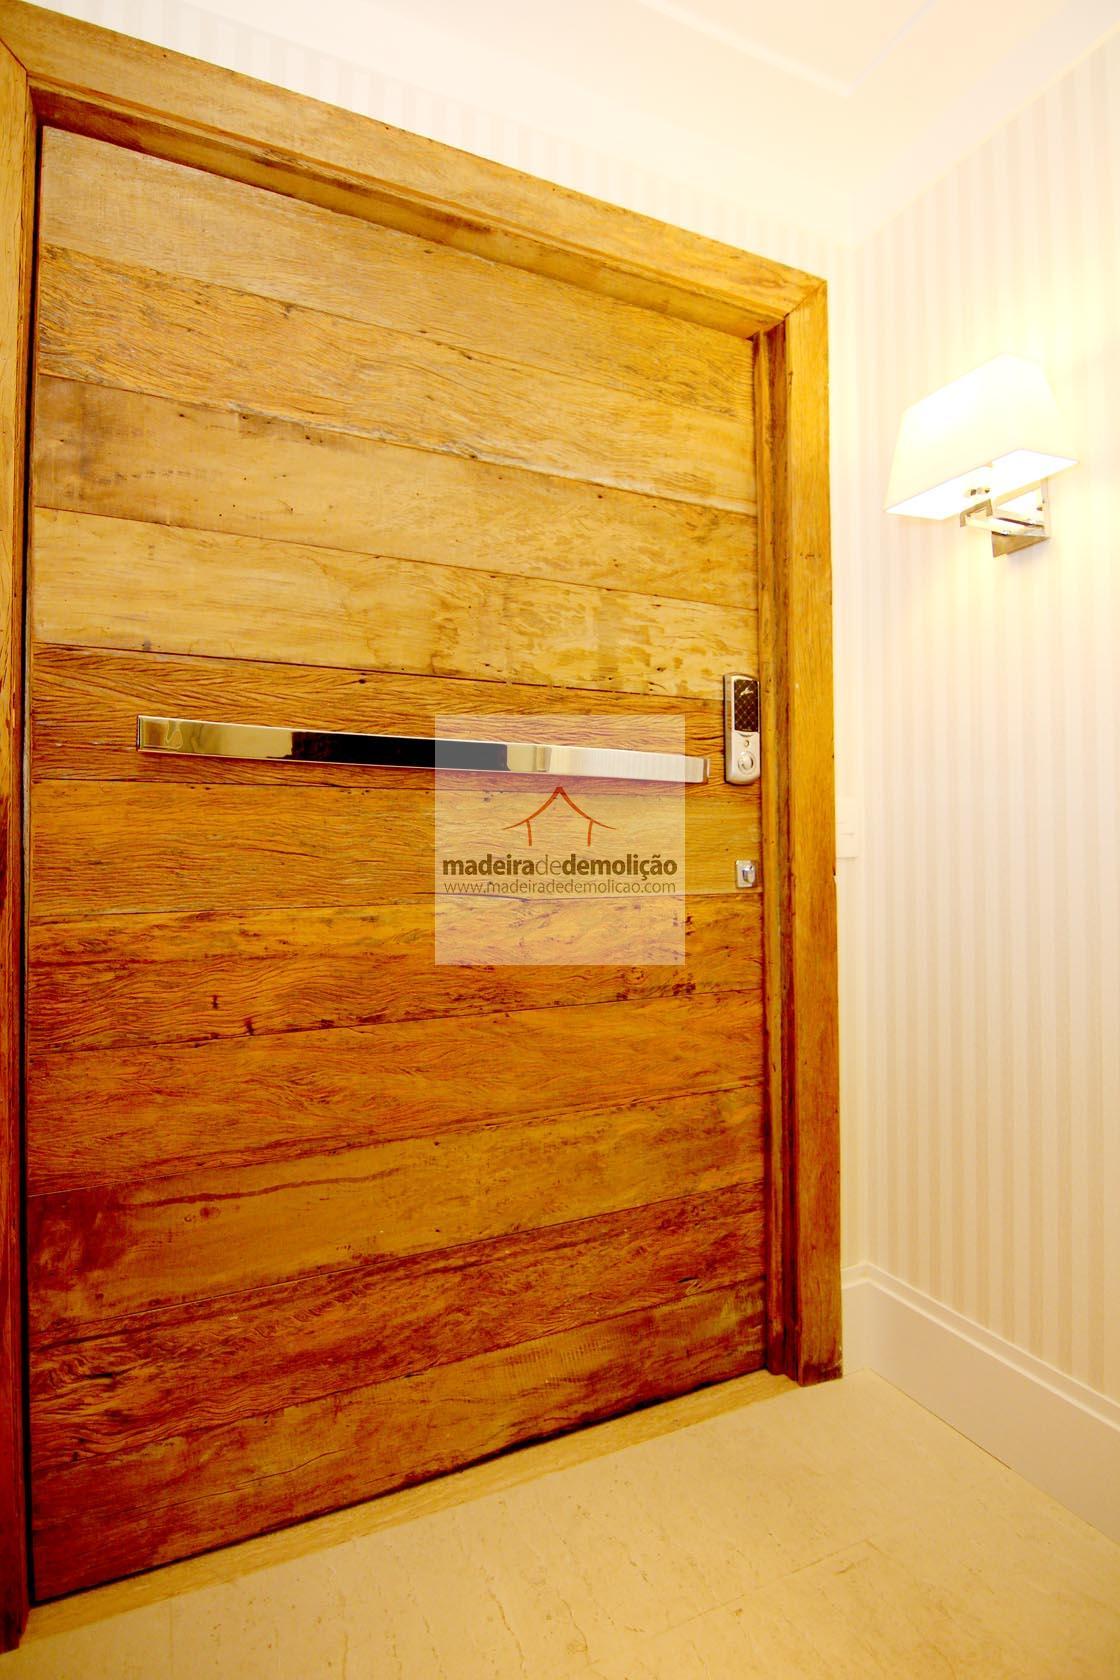 madeira de demolição e cruzetas de madeira] Madeira de Demolição #B14C07 1120x1680